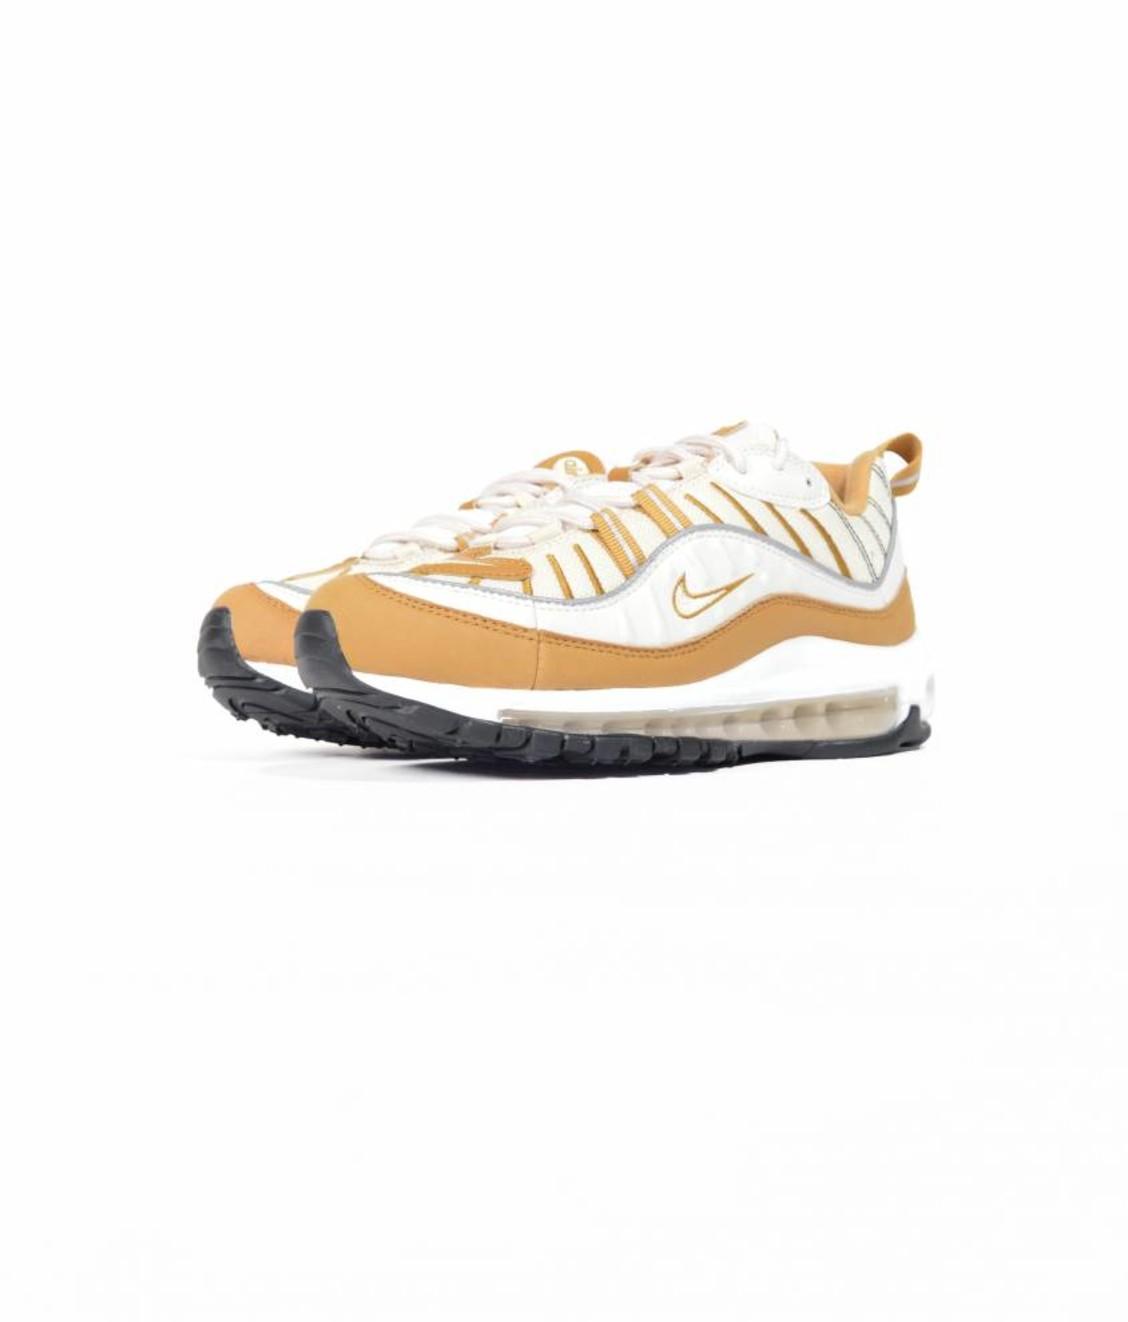 Nike Nike Air Max 98 W Phantom Beach Wheat